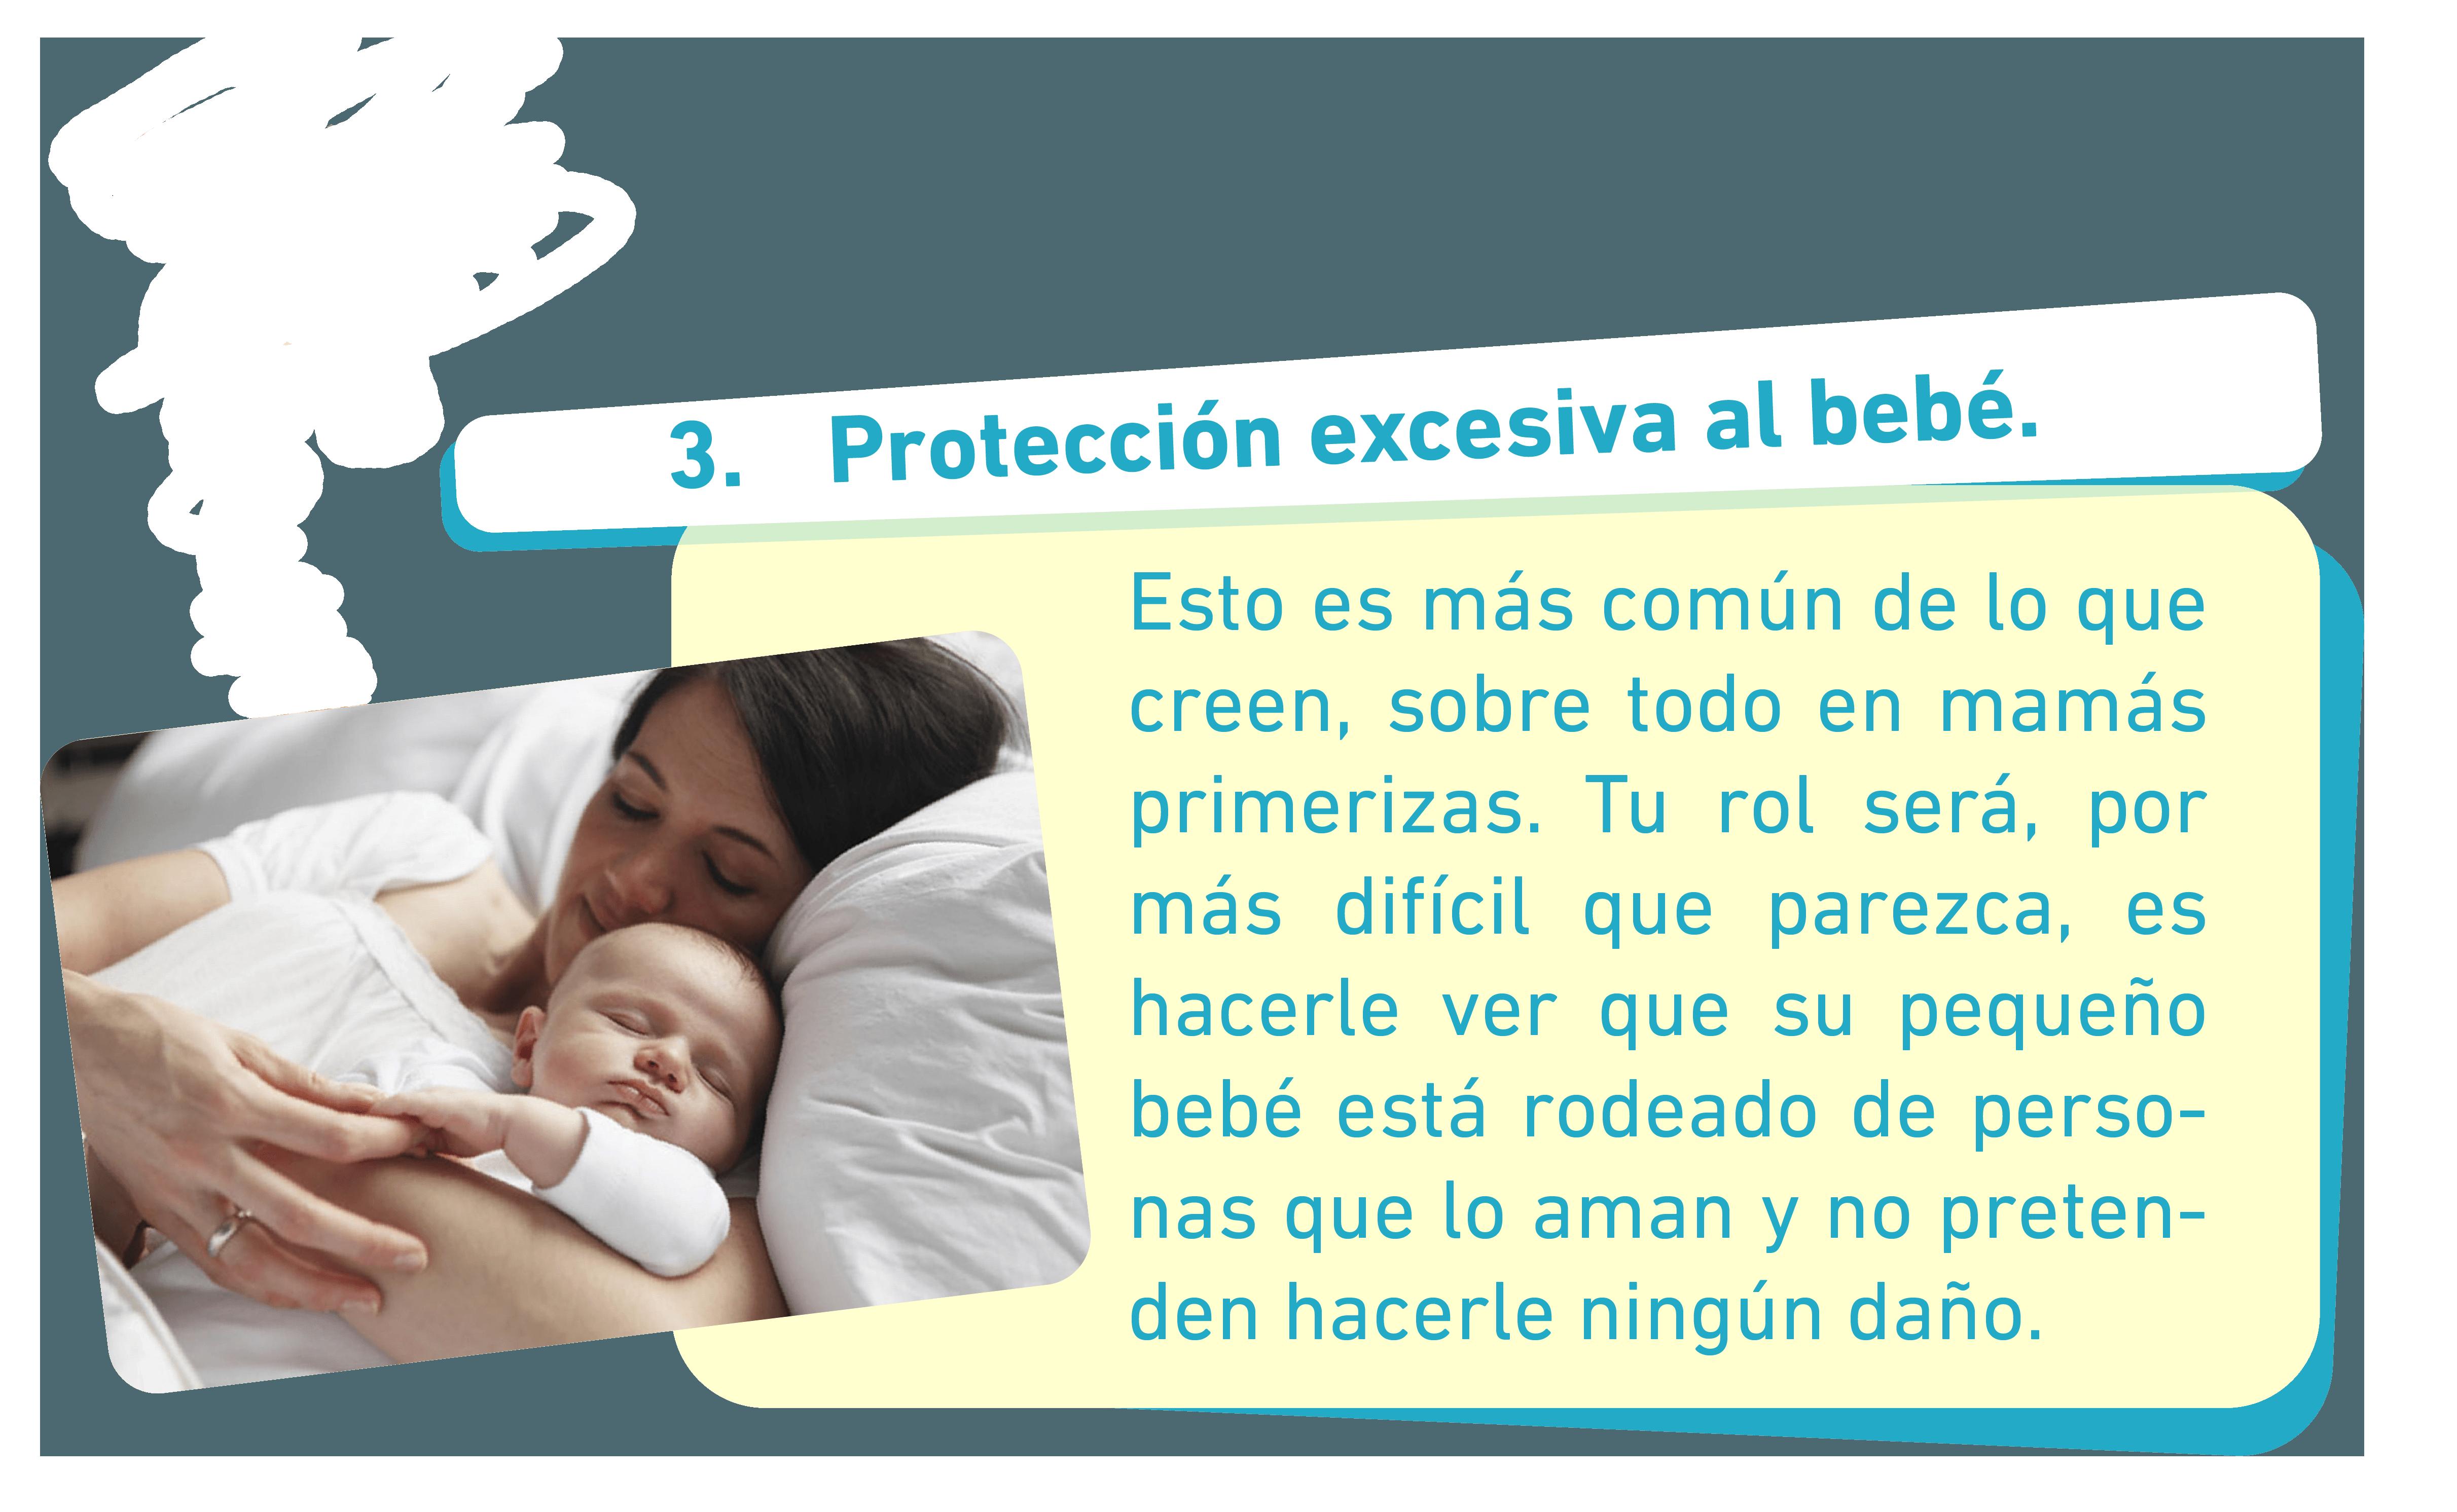 proteccion-excesiva-al-bebe